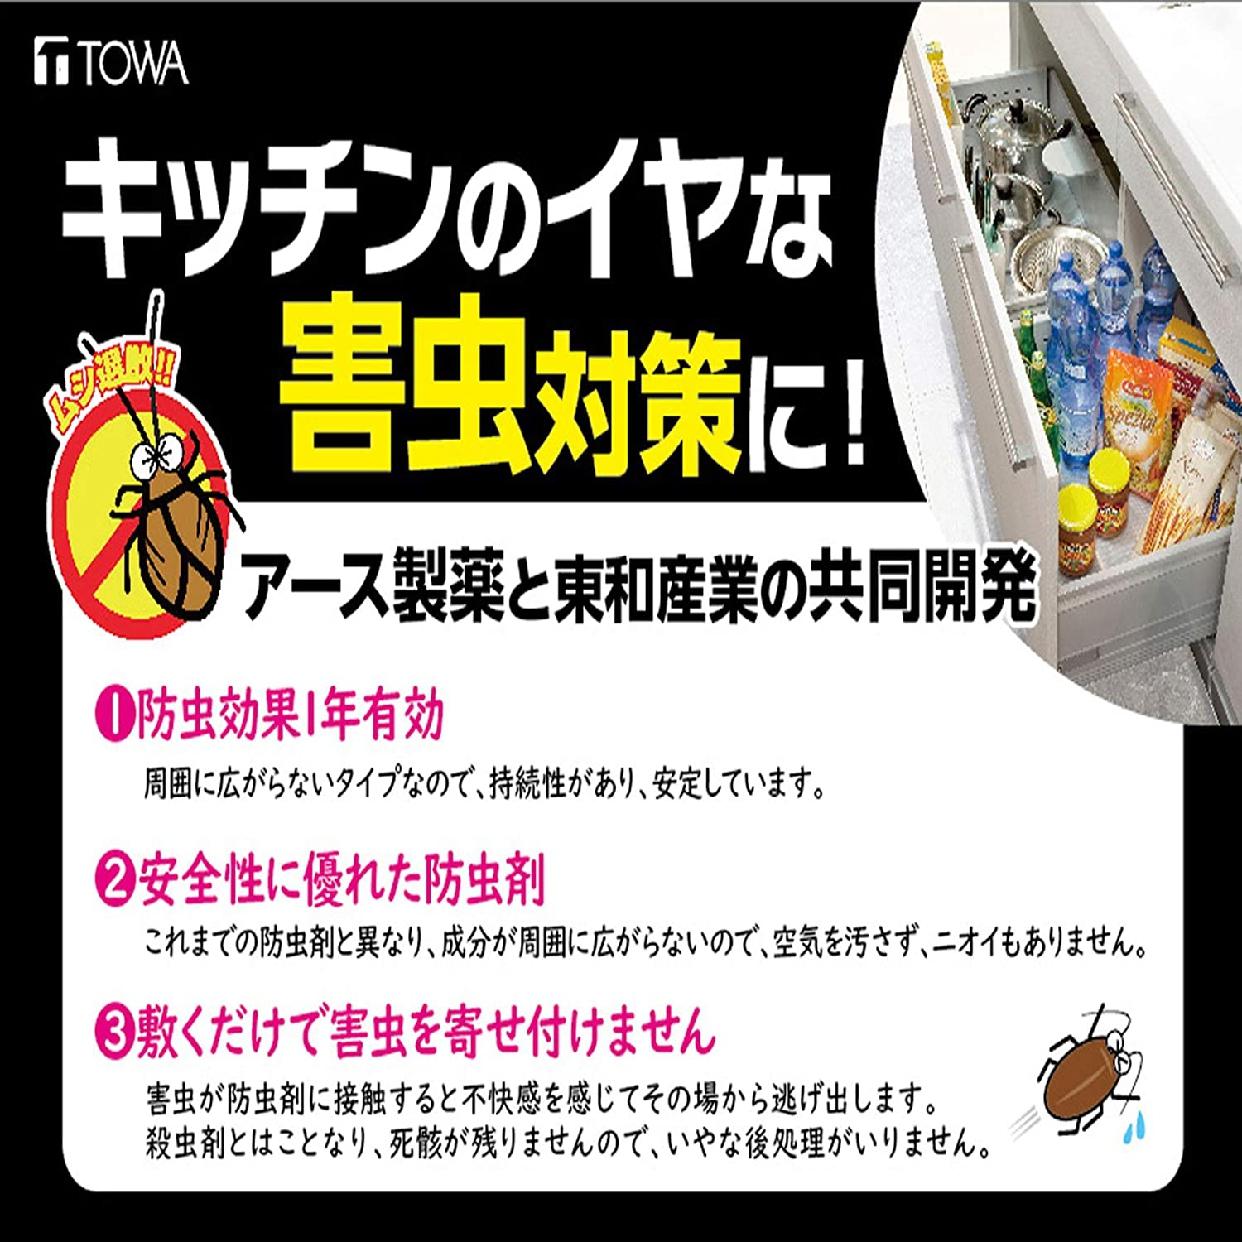 東和産業(TOWA) 1年防虫アルミシート システムキッチン用の商品画像6